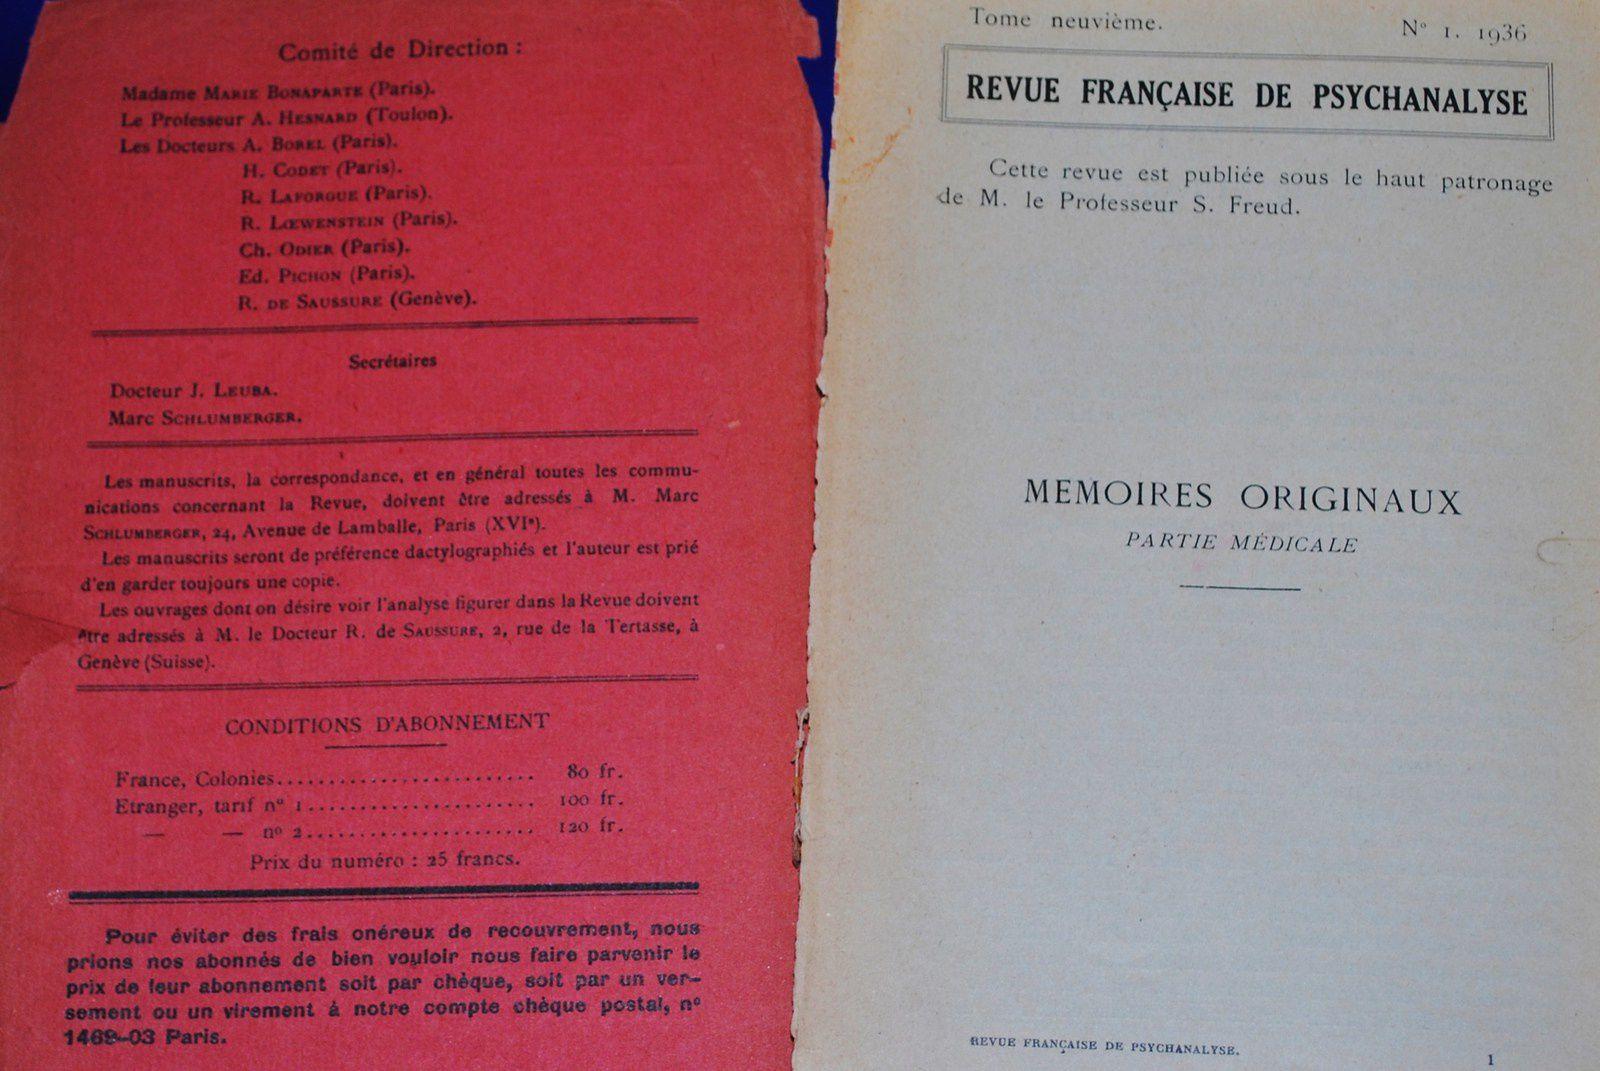 revue francaise de psychanalyse page .